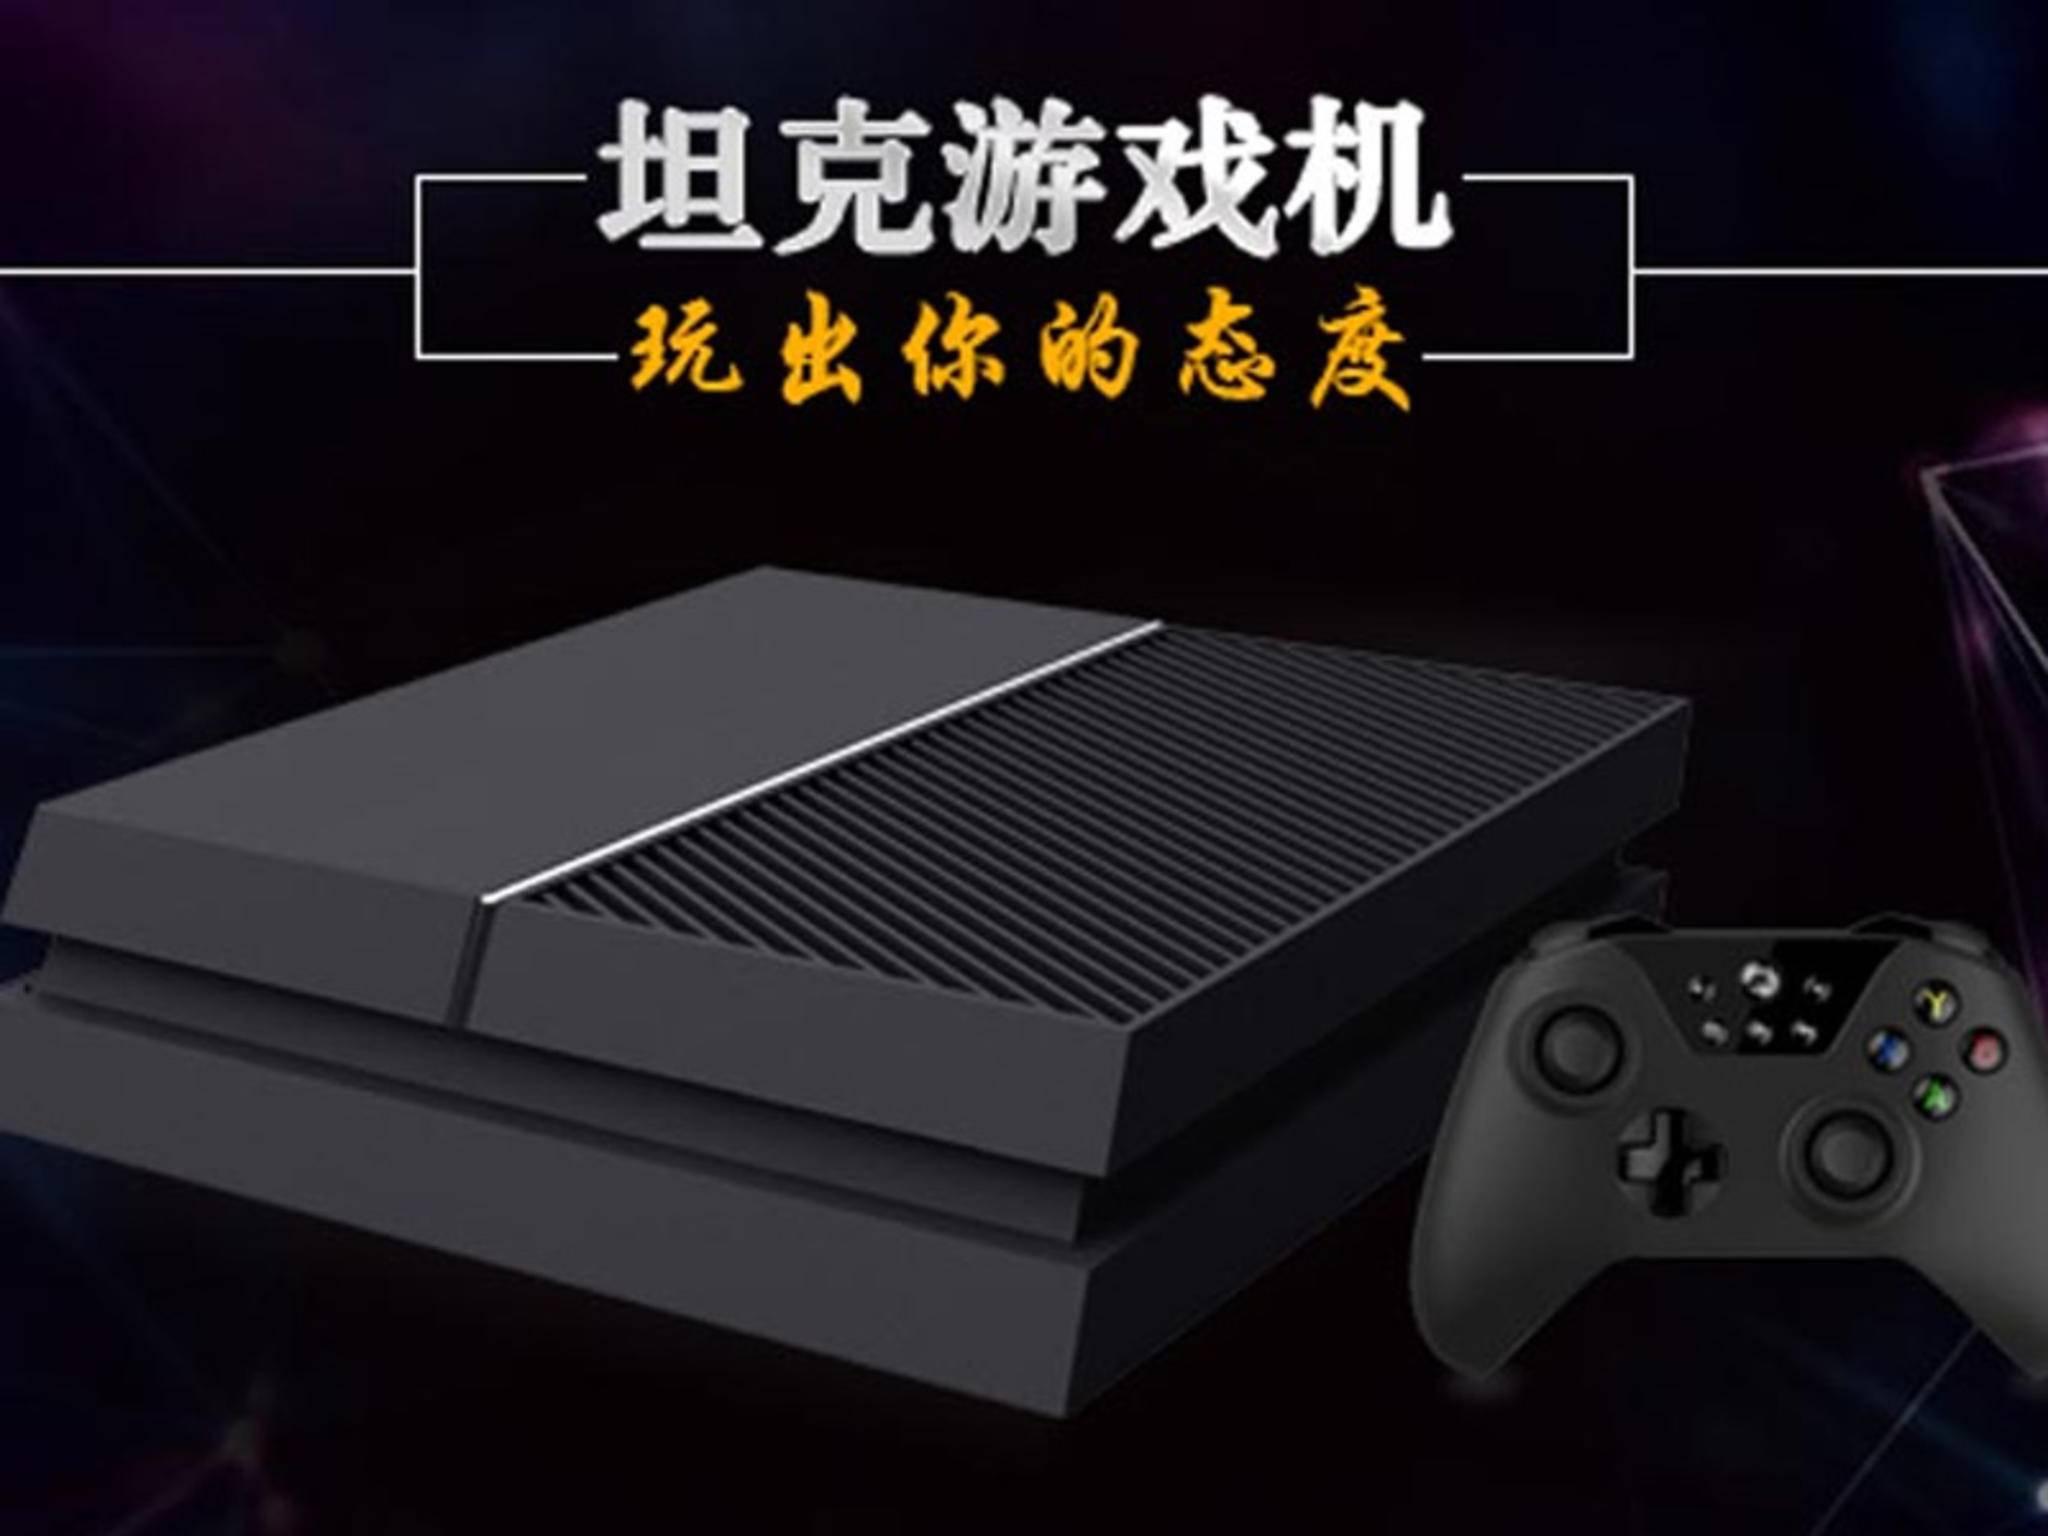 Diese Kopie aus China orientiert sich offenkundig an PS4 und Xbox One.